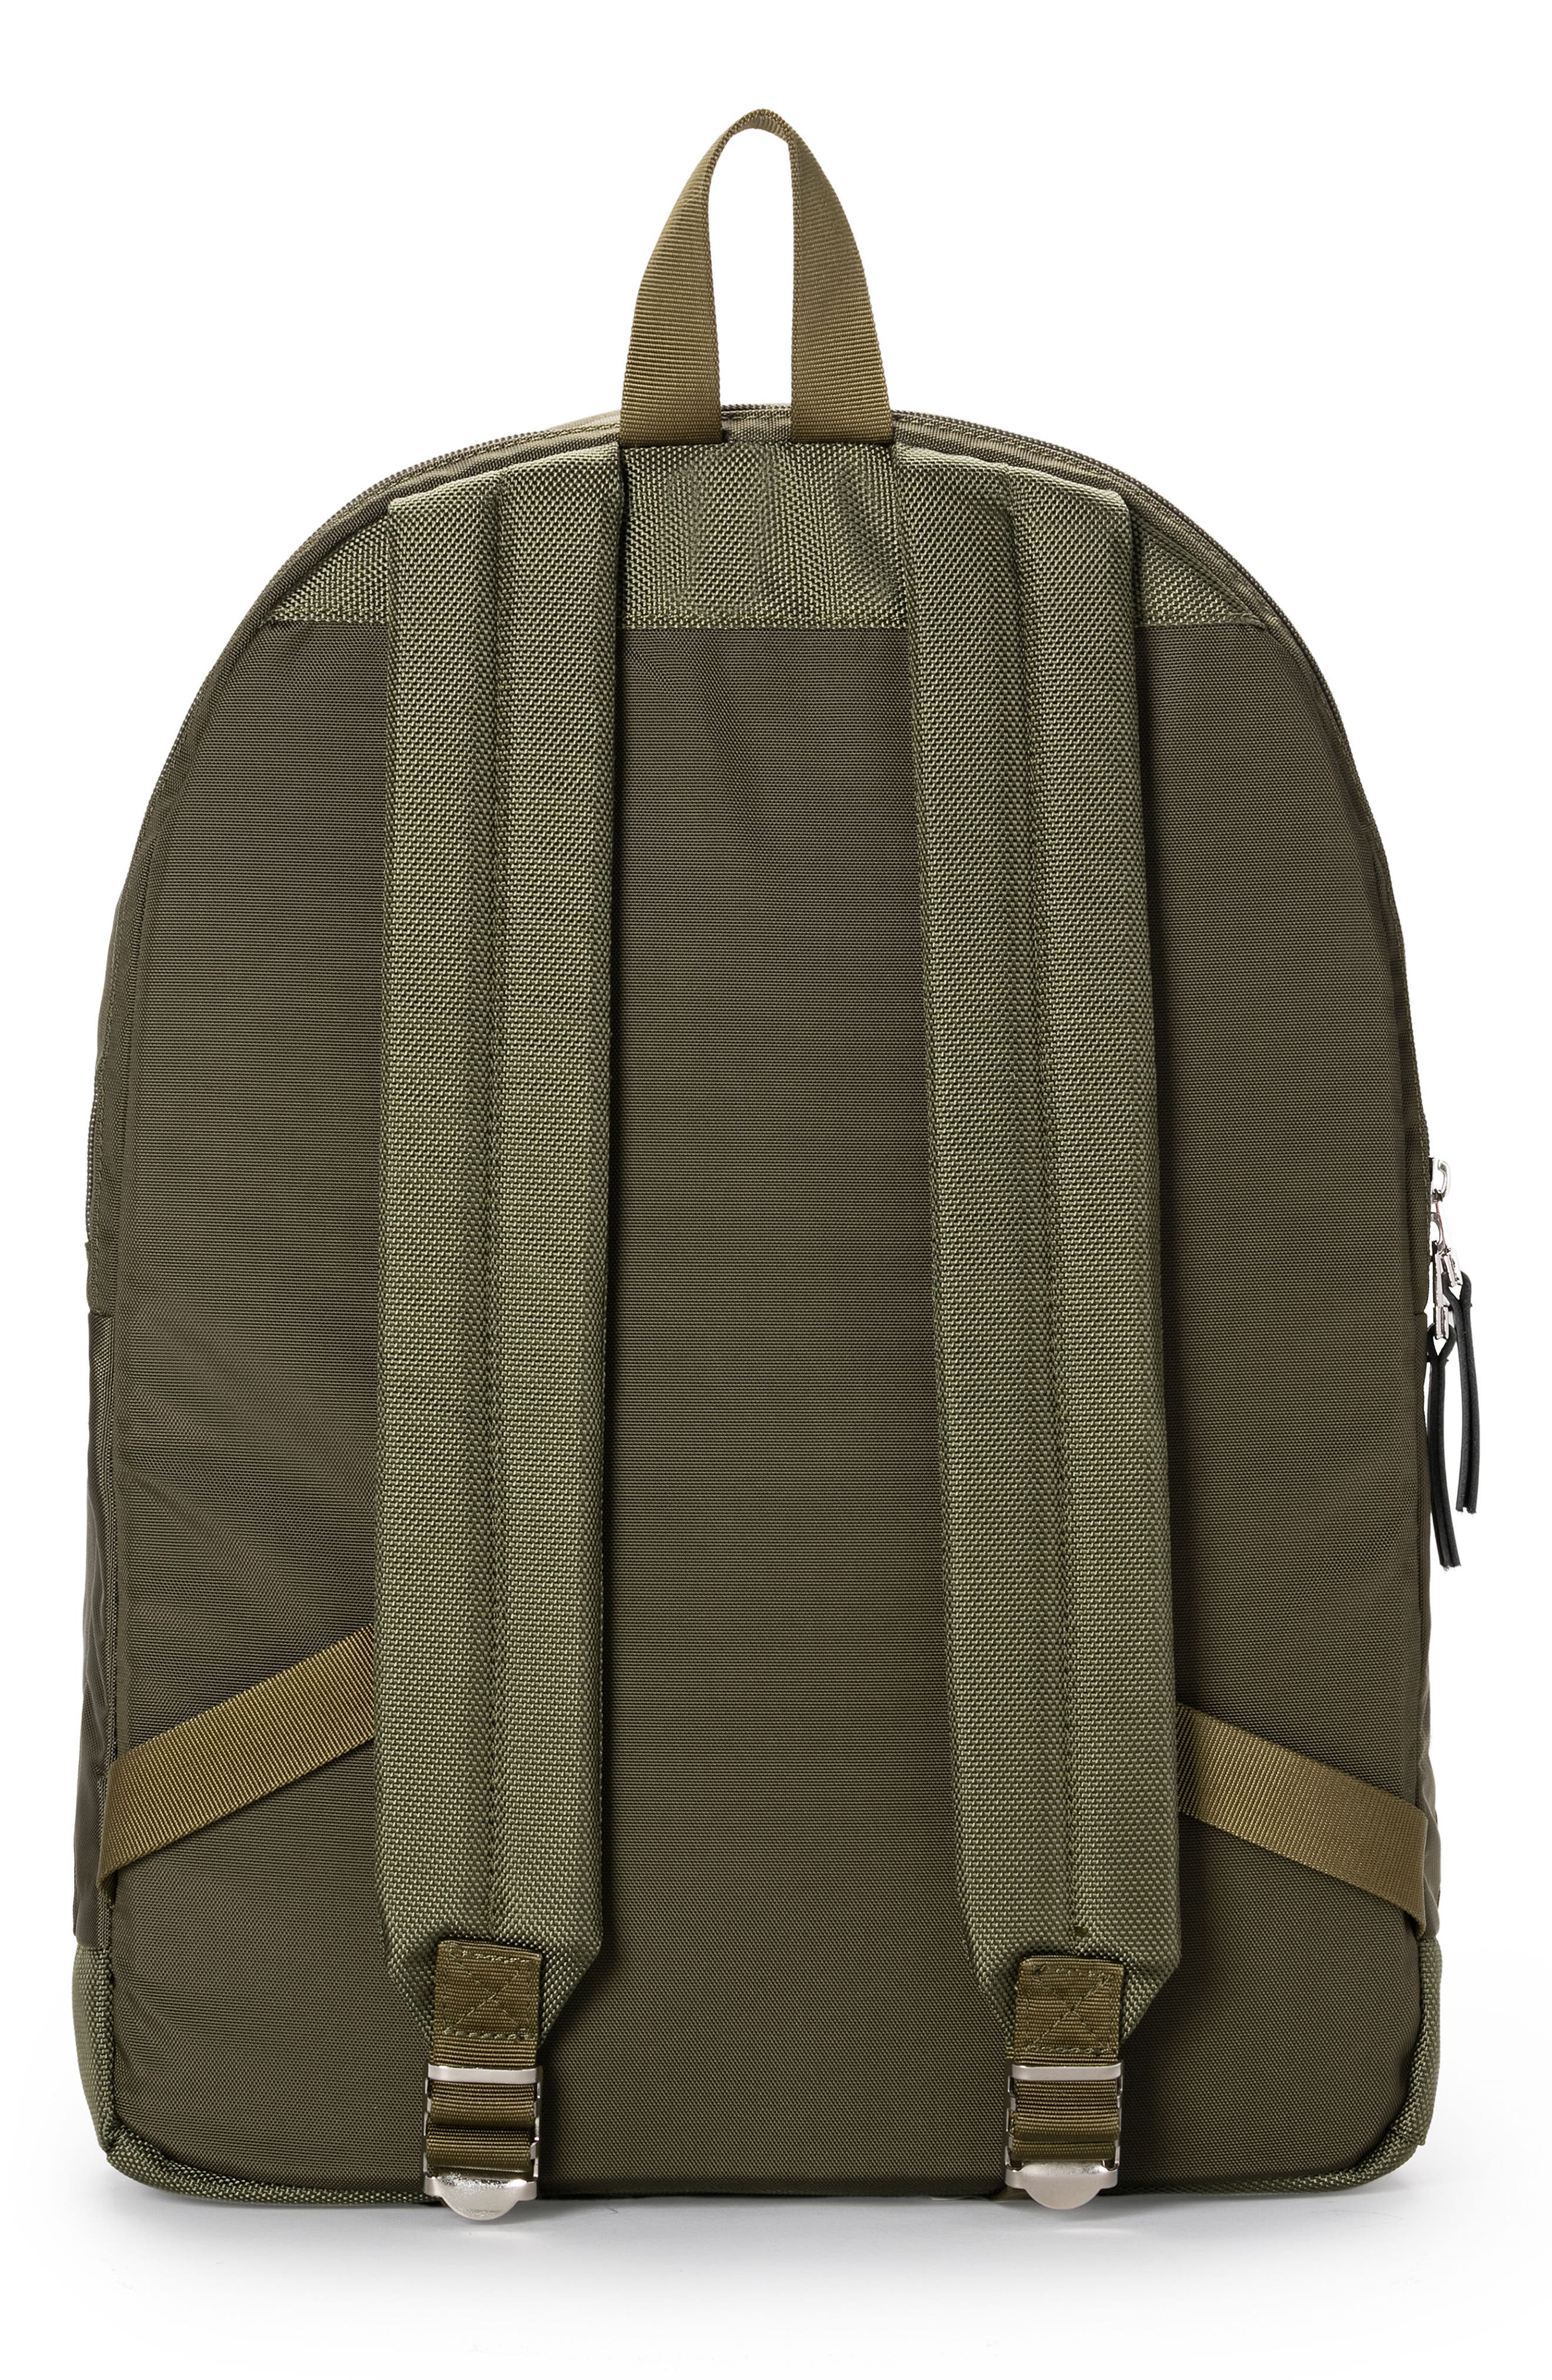 Lancer Backpack,                             Alternate thumbnail 5, color,                             Olive